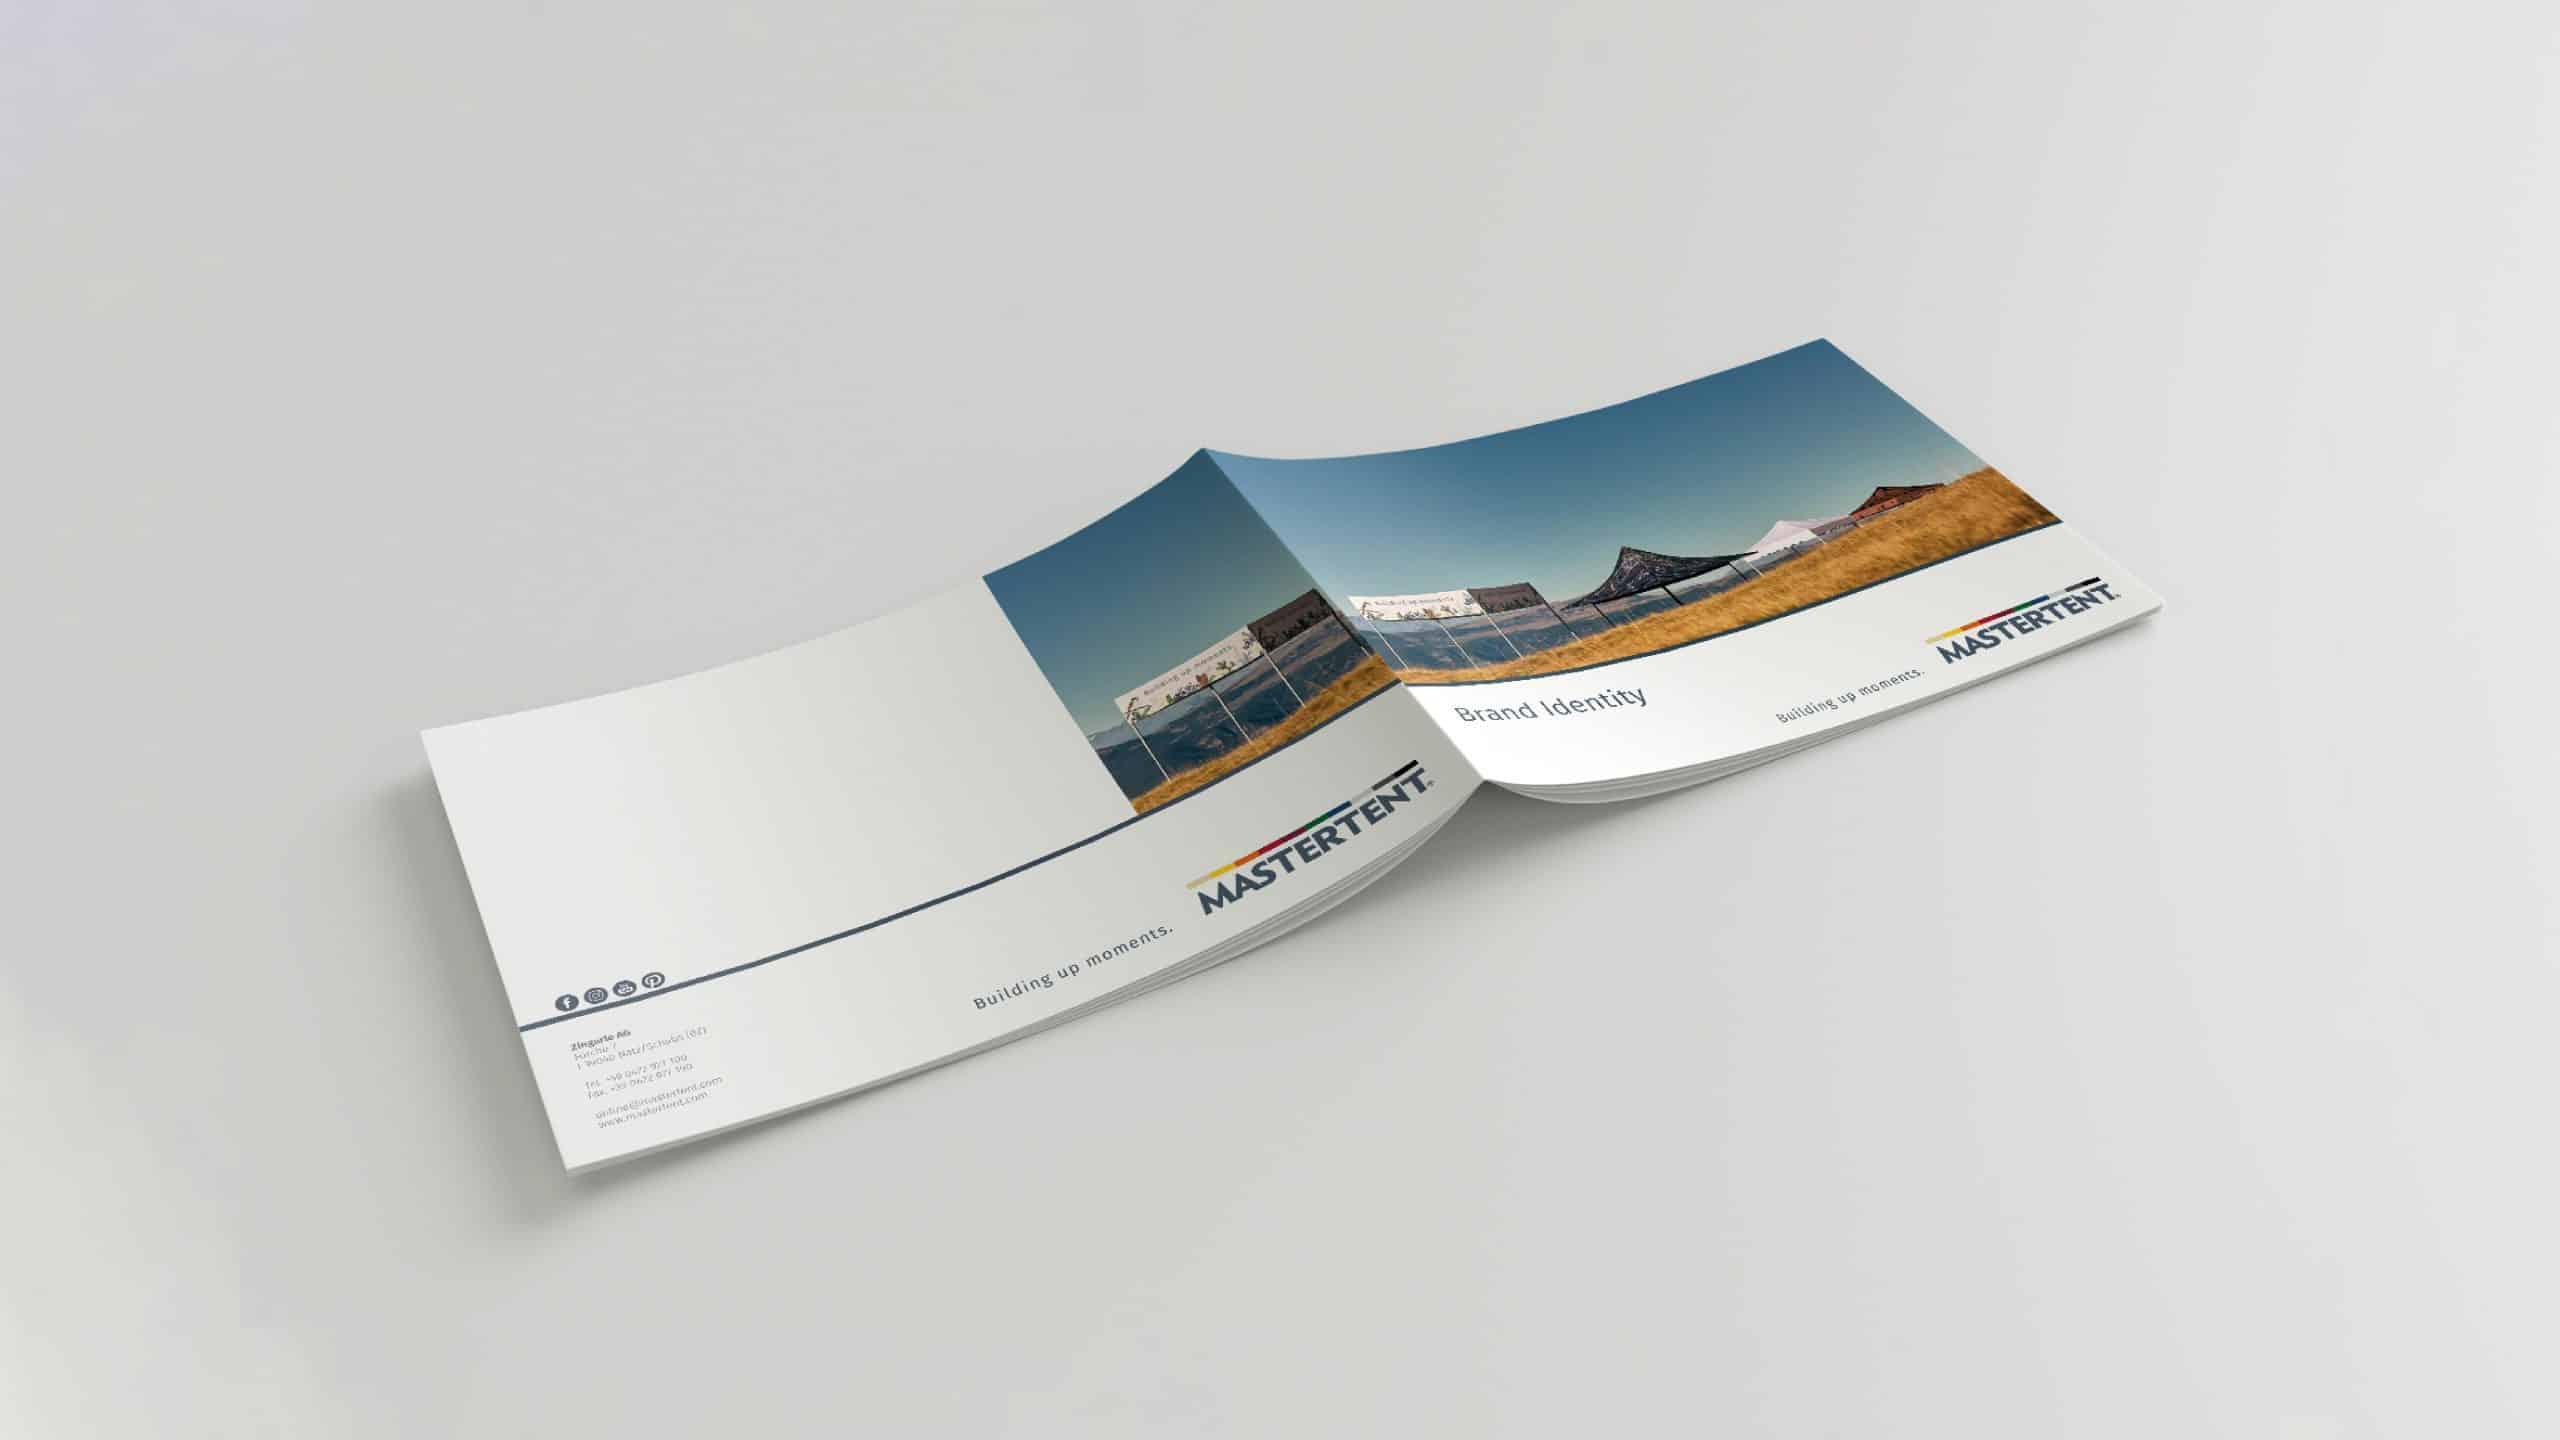 Wir gestalten deinen Design Guide, Produktkatalog oder Flyer. Die Produktion übernehmen wir auch!